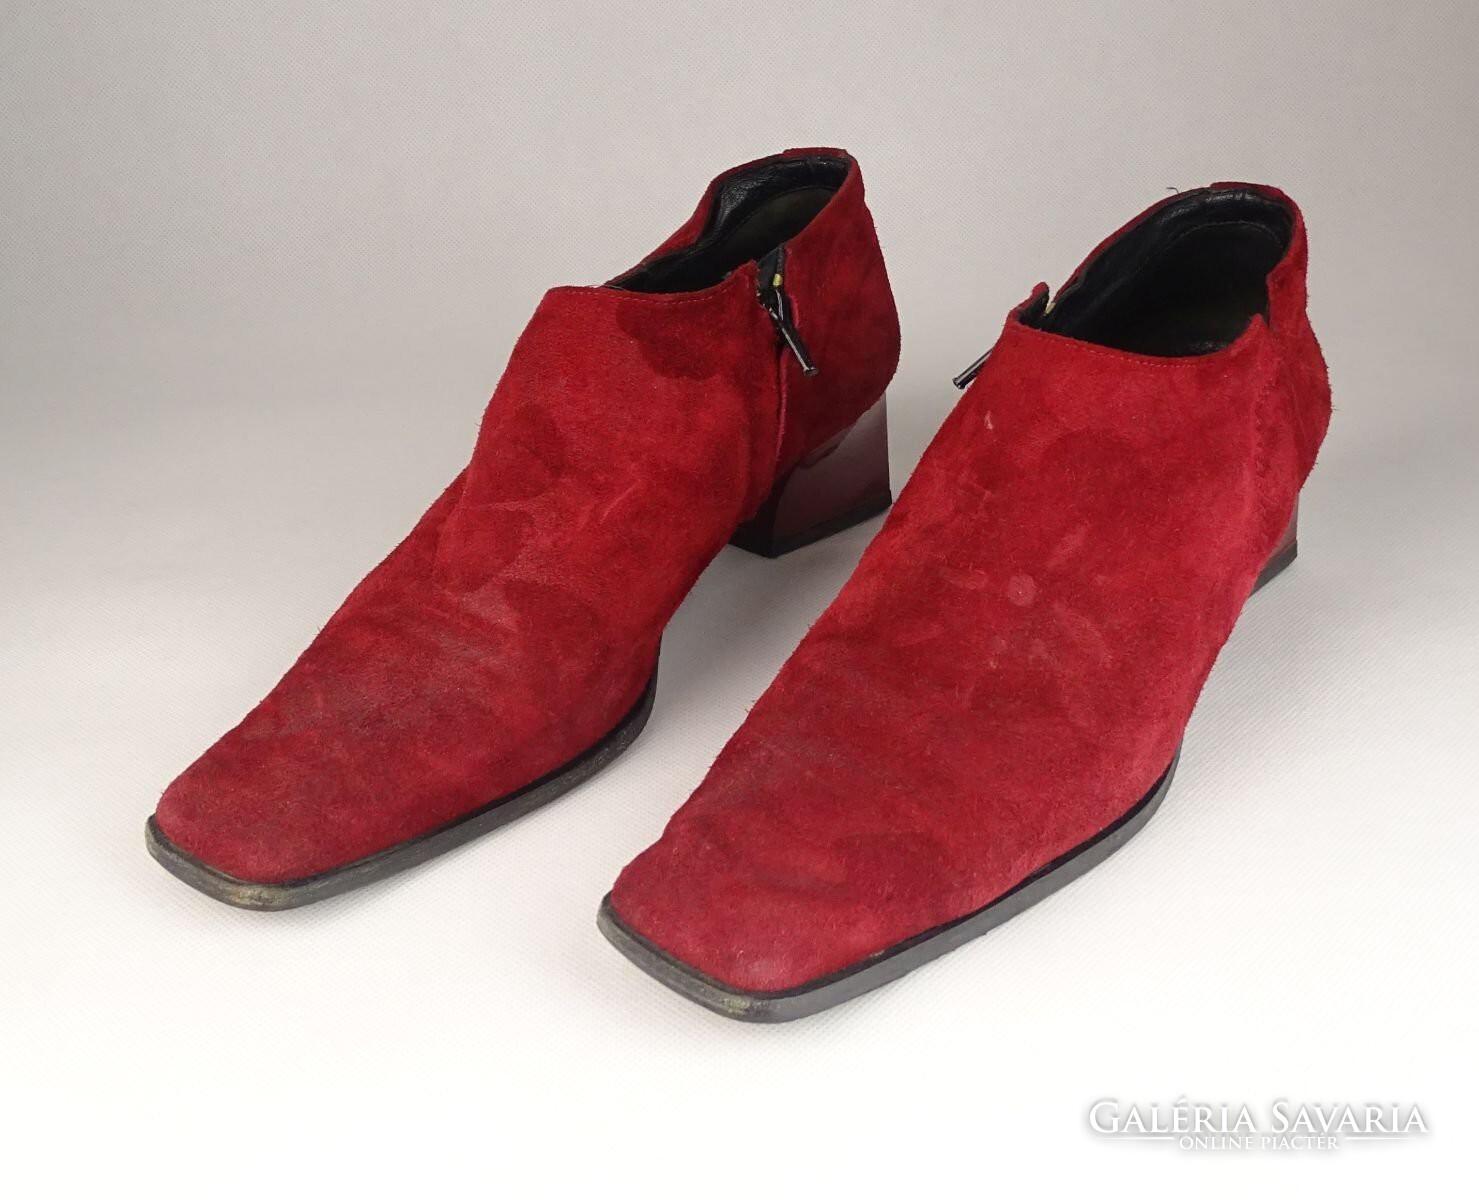 e3d4f4846ae0 0V554 Bordó Cango Rinaldi női velúr cipő 39-es - Gardrób   Galéria ...